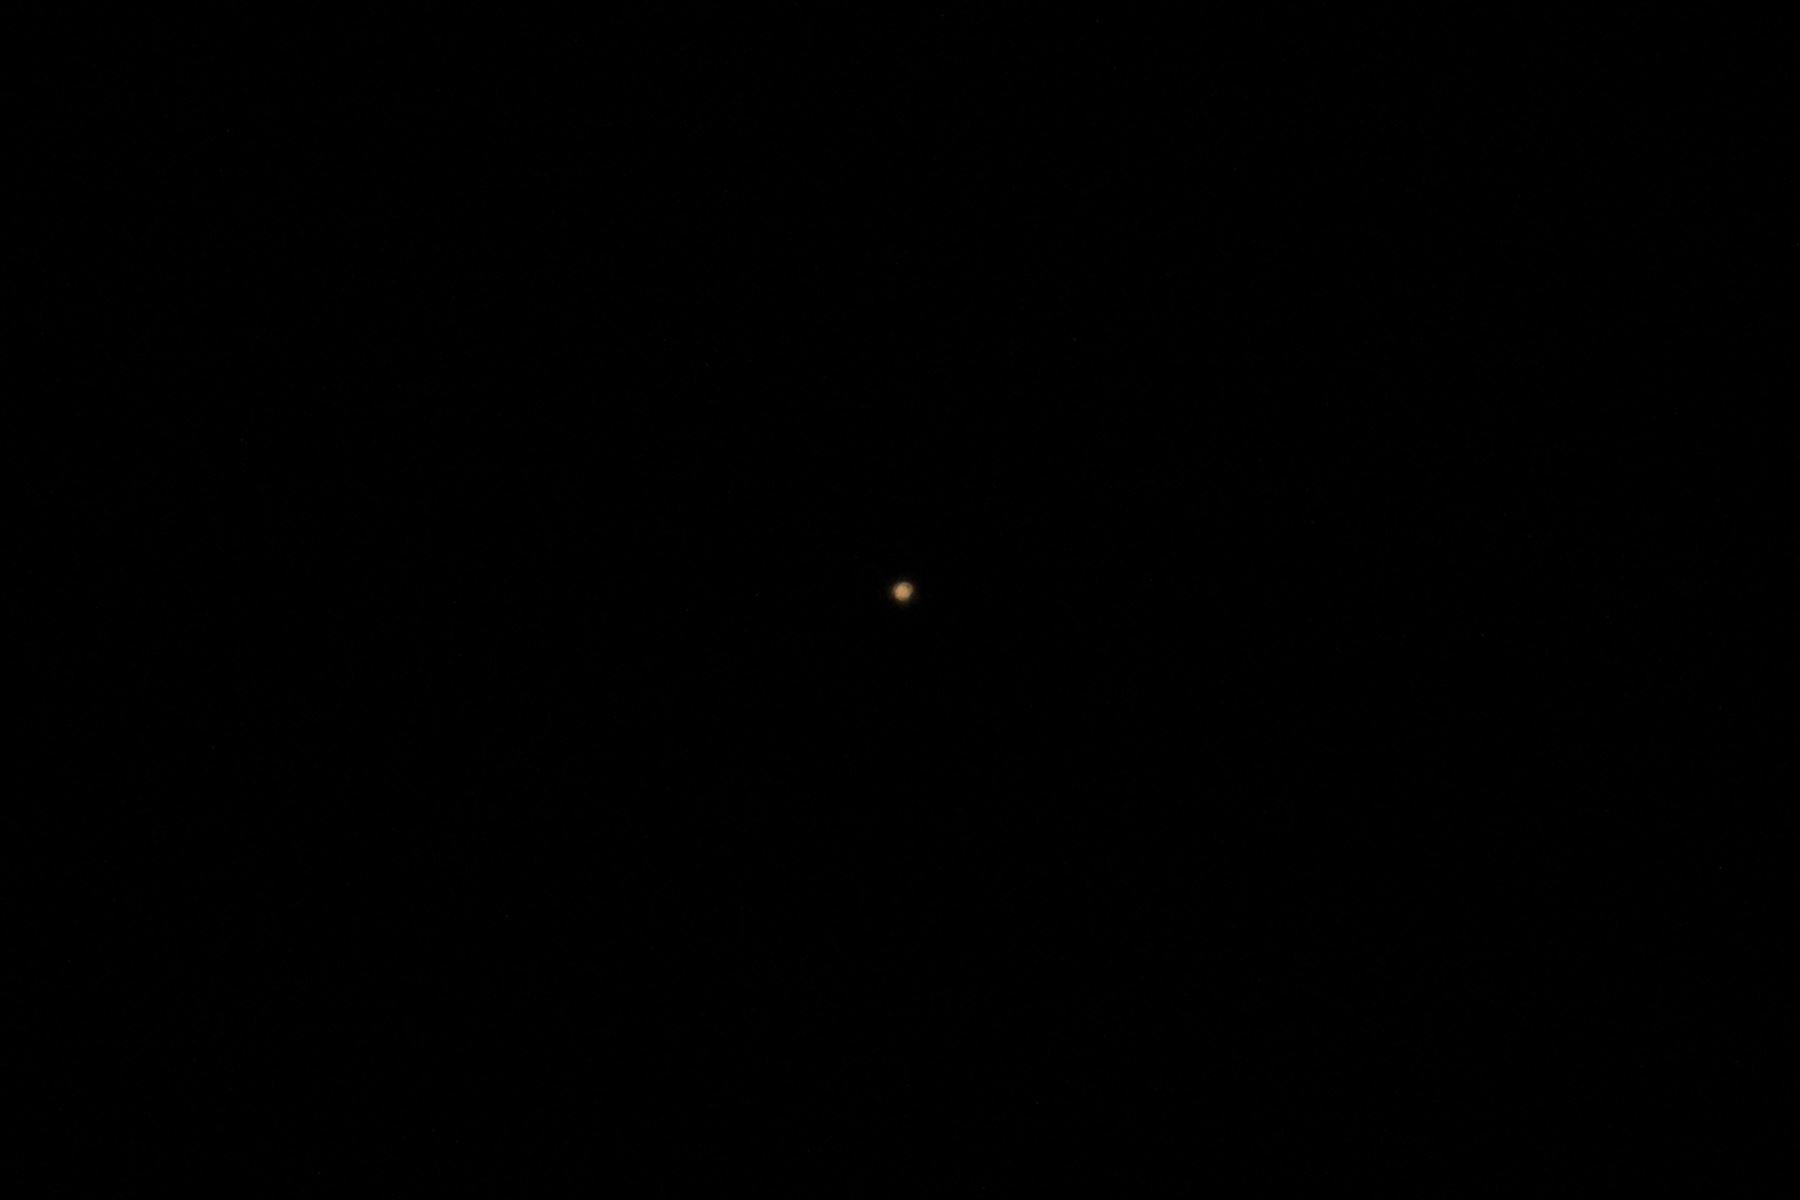 Esta noche el planeta Marte se pudo apreciar desde el cielo limeño. Foto: ANDINA/Carlos Lezama